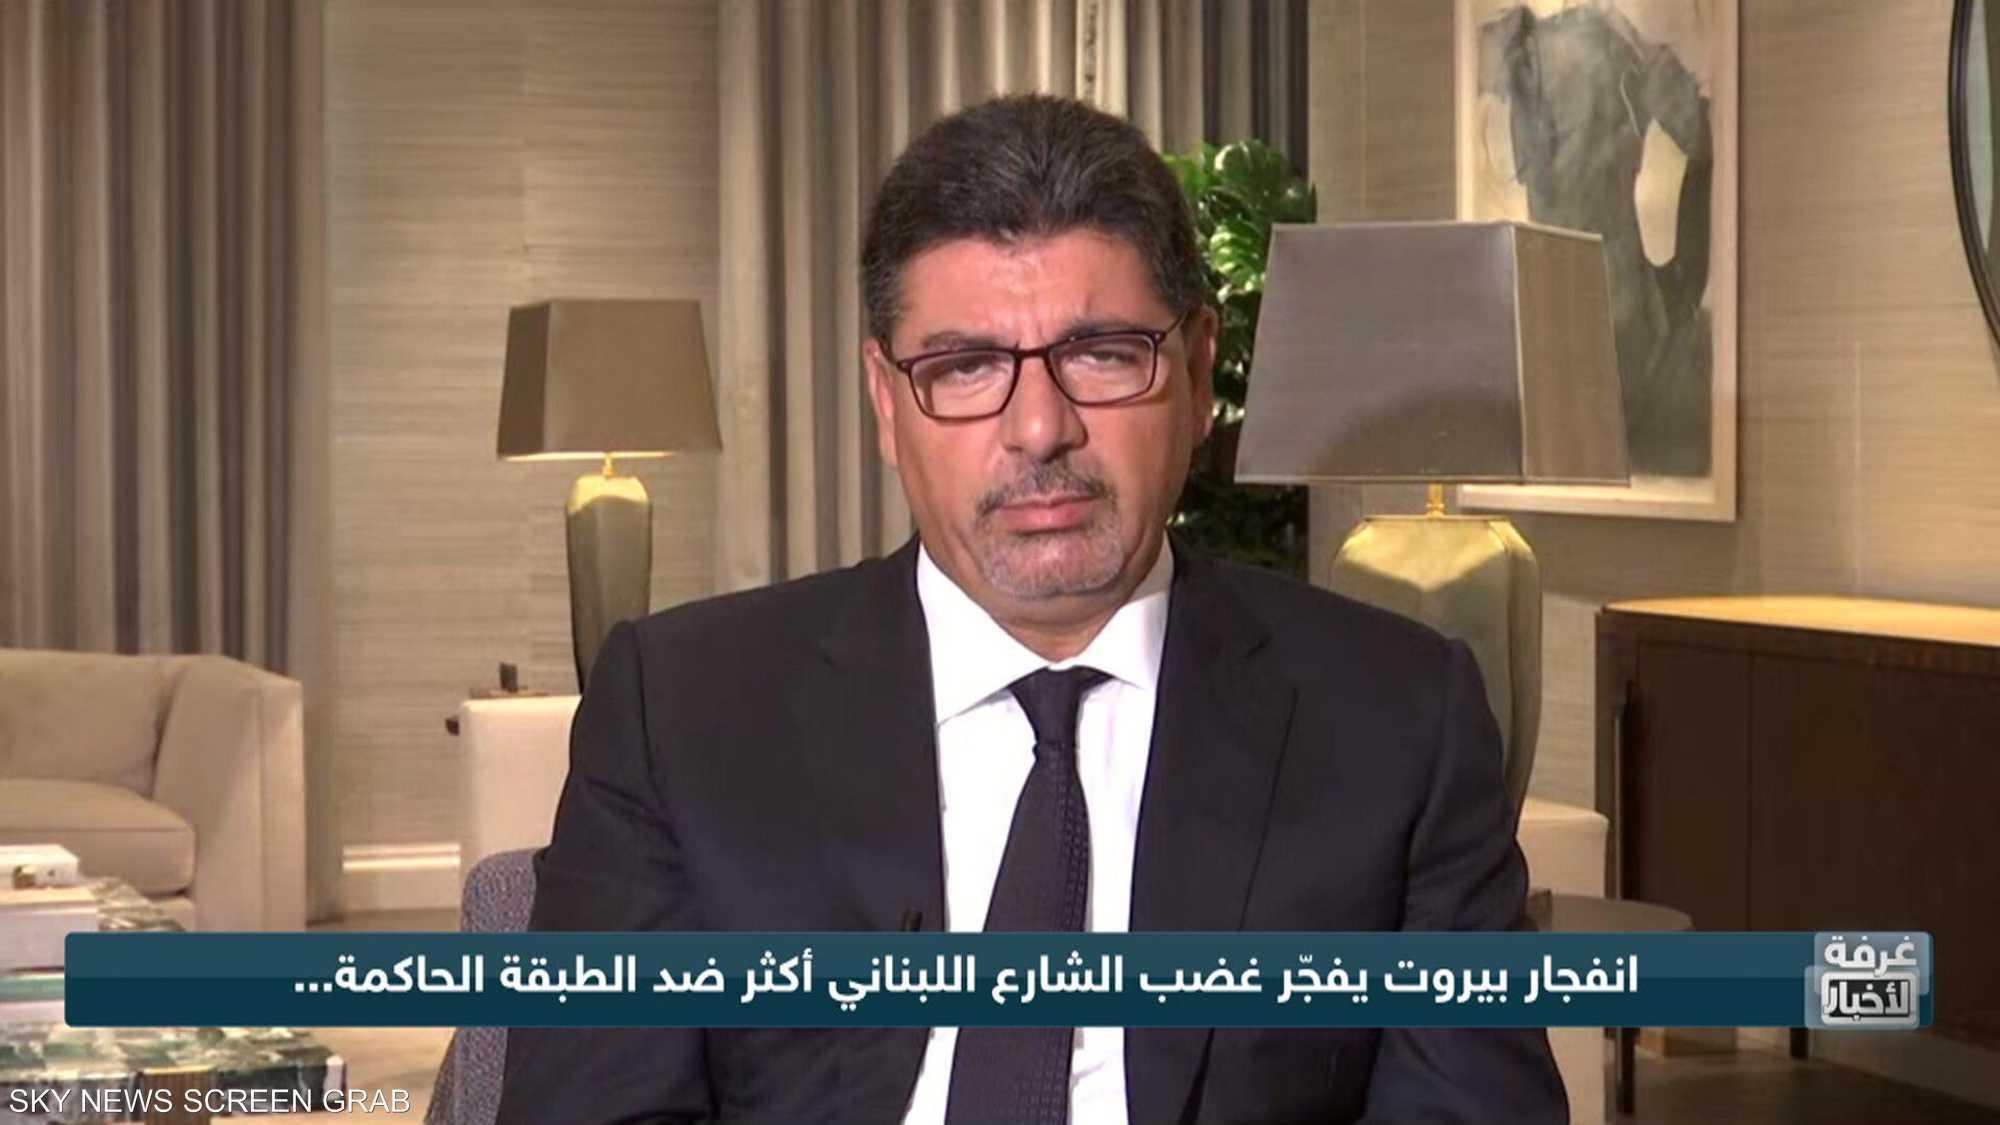 انفجار بيروت يفجر غضب الشارع اللبناني أكثر ضد الطبقة الحاكمة